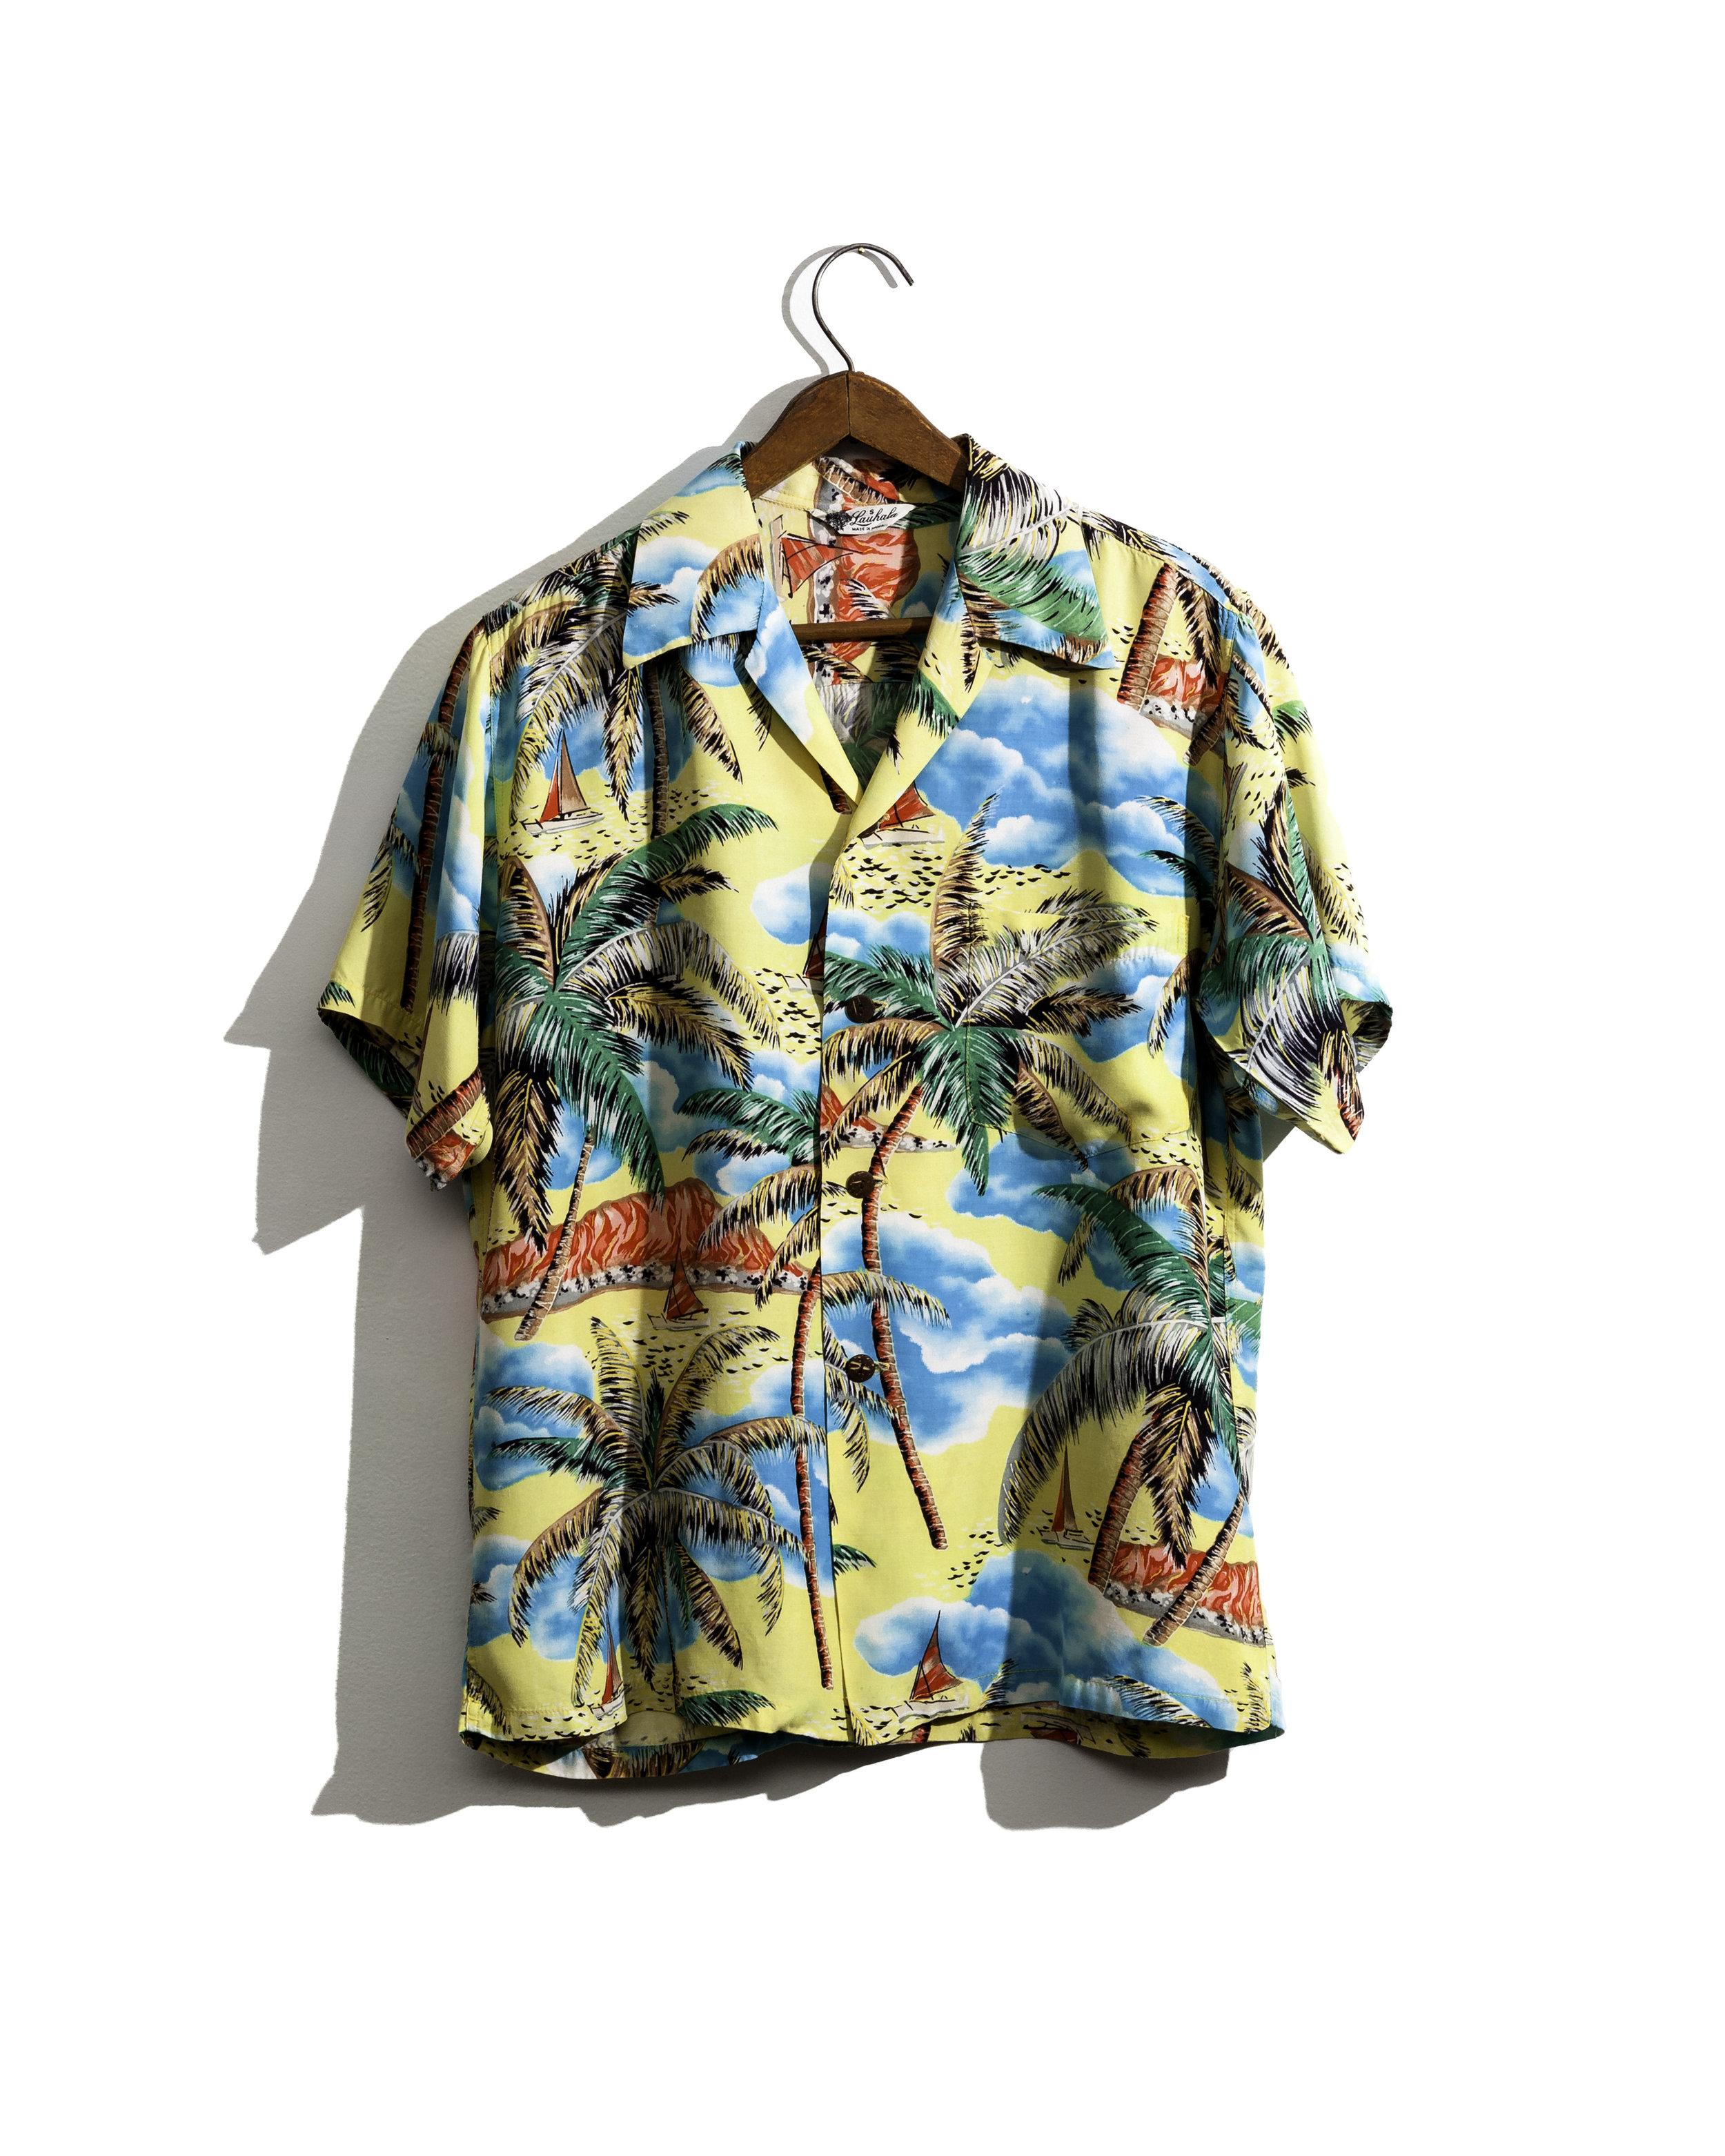 1950s Cold Rayon Tropical Print Shirt